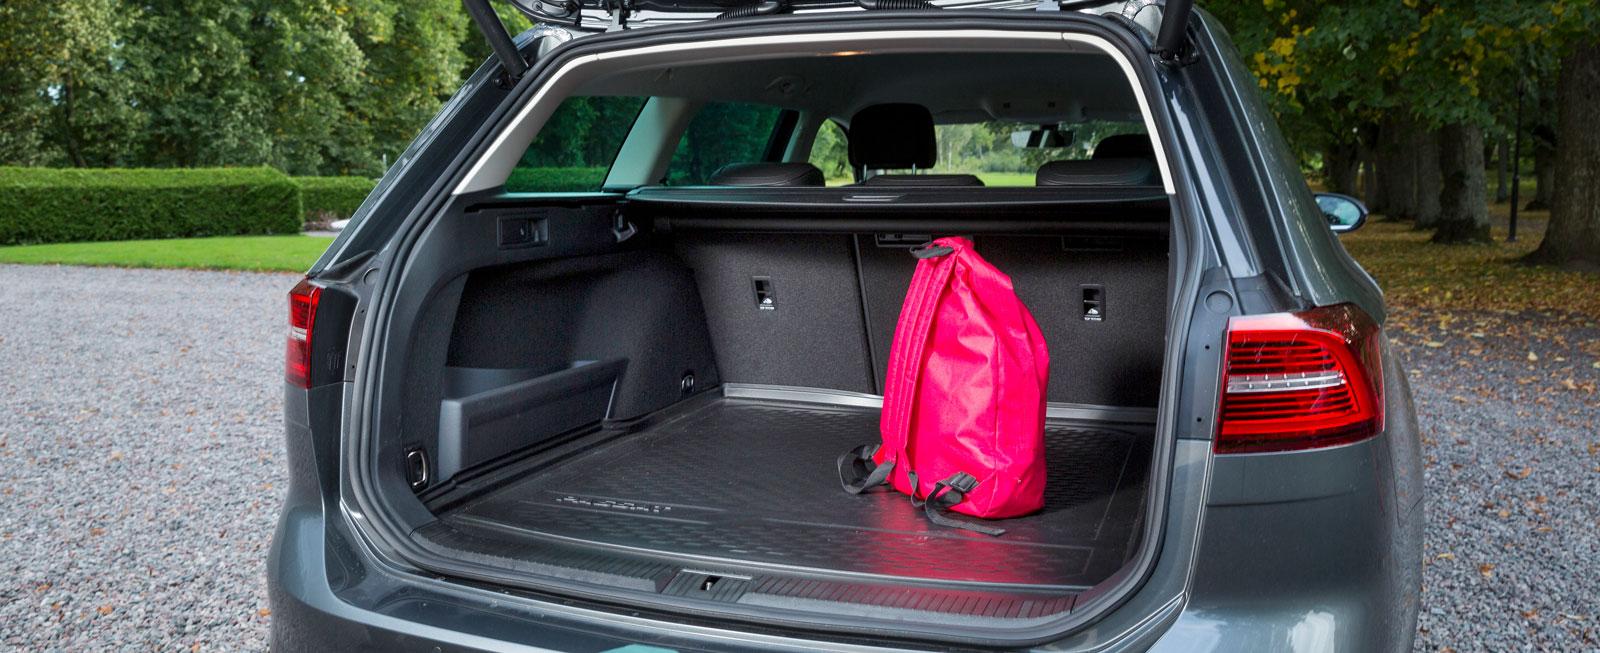 Testets klart största bagageutrymme finns i Passat, trots att karossen är avsevärt kortare än BMW:s och Volvos. Extra plus för att bagagegolvet kan varieras i höjd. Smidigt insynsskydd men det följer inte med luckan upp.